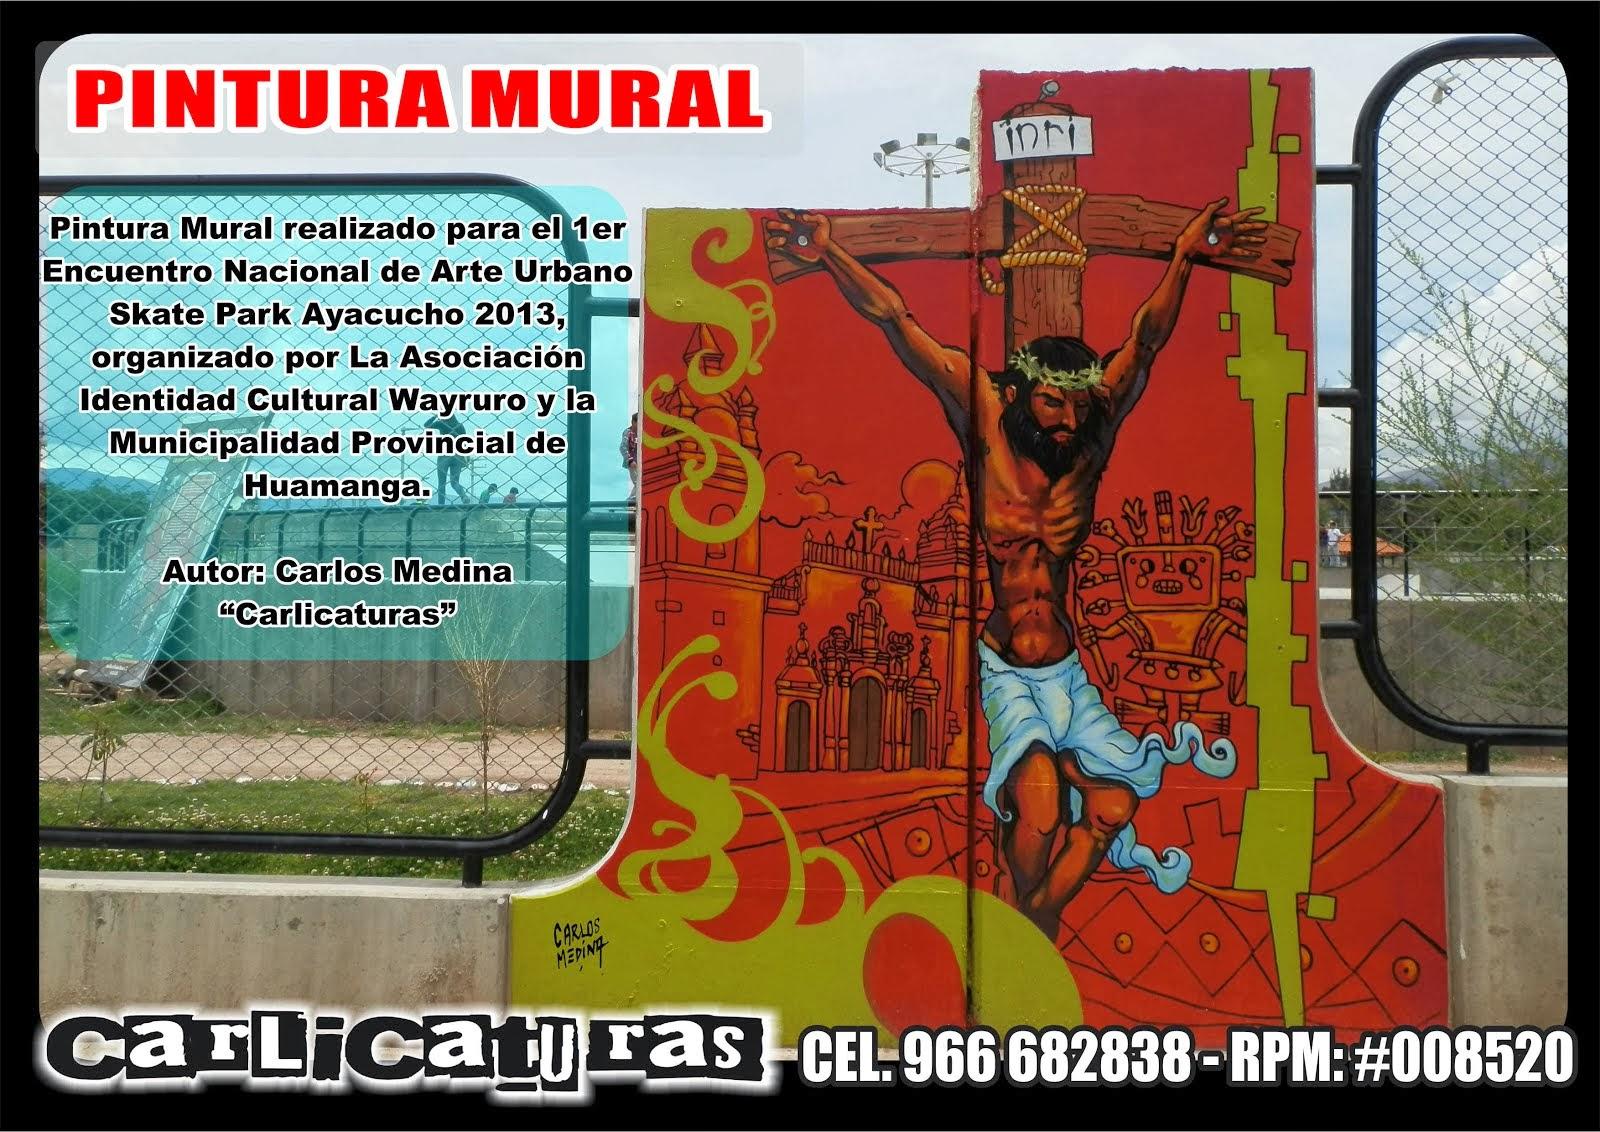 MURAL ARTÍSTICO PINTADO EN EL SKATE PARK EN AYACUCHO PERÚ